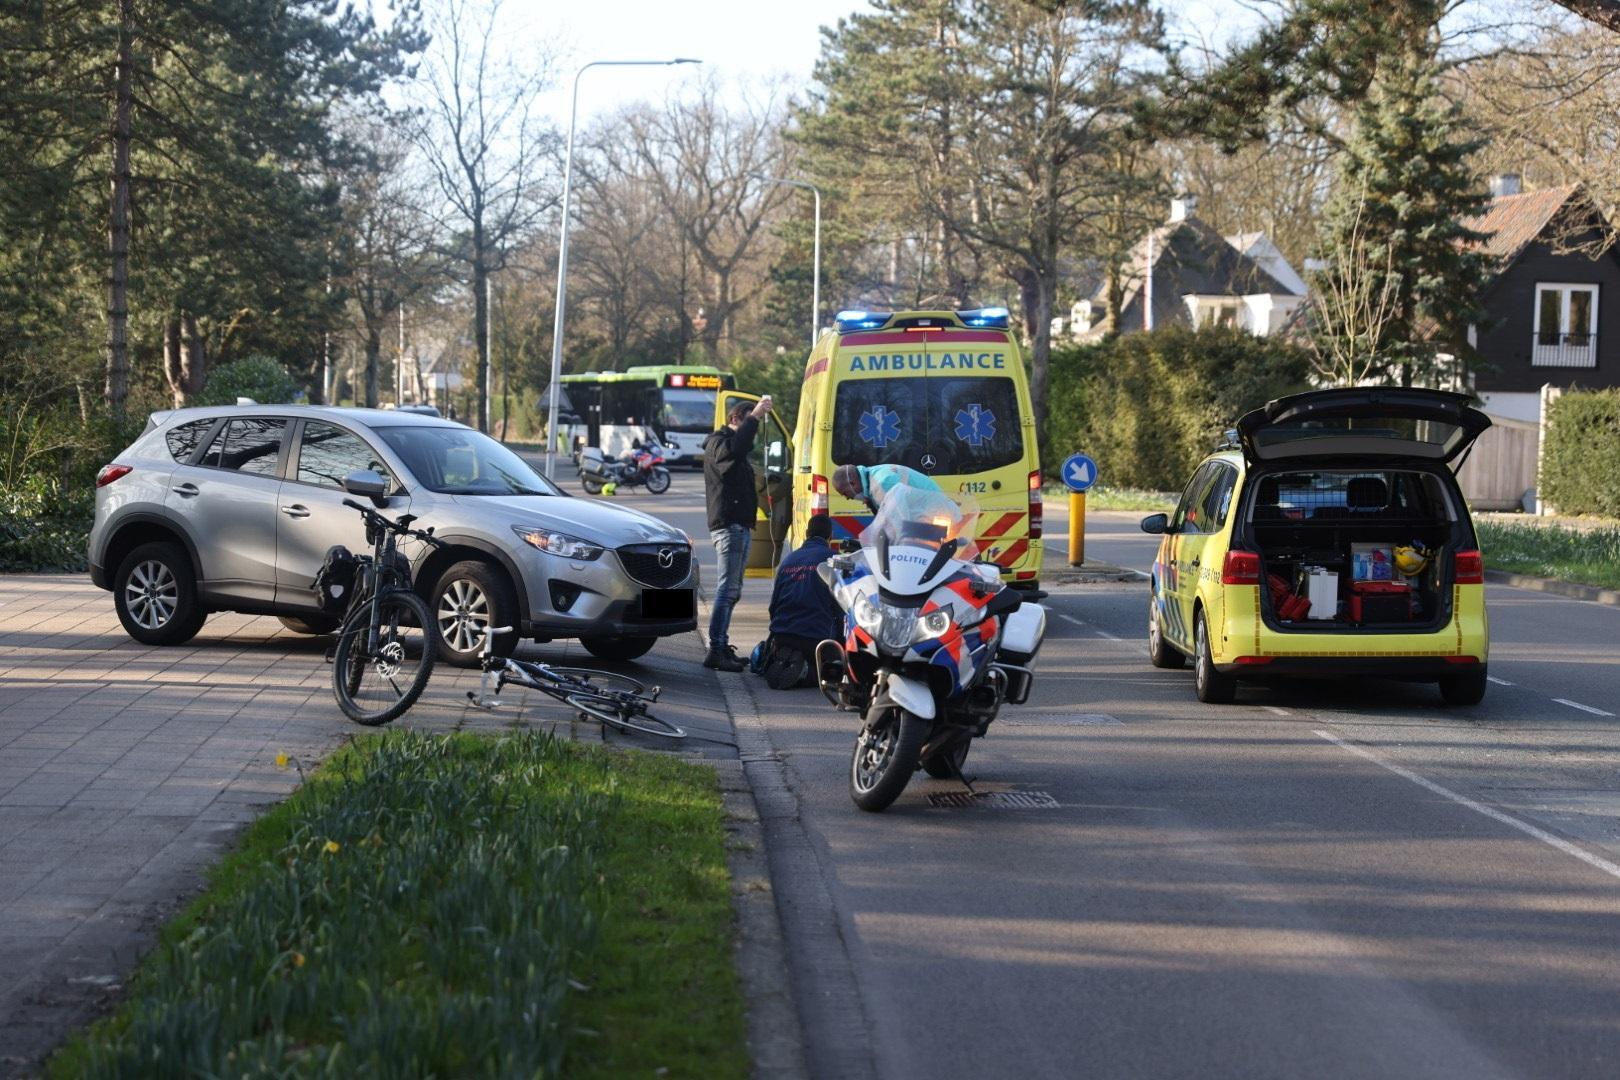 Wielrenner door auto geschept in Aerdenhout